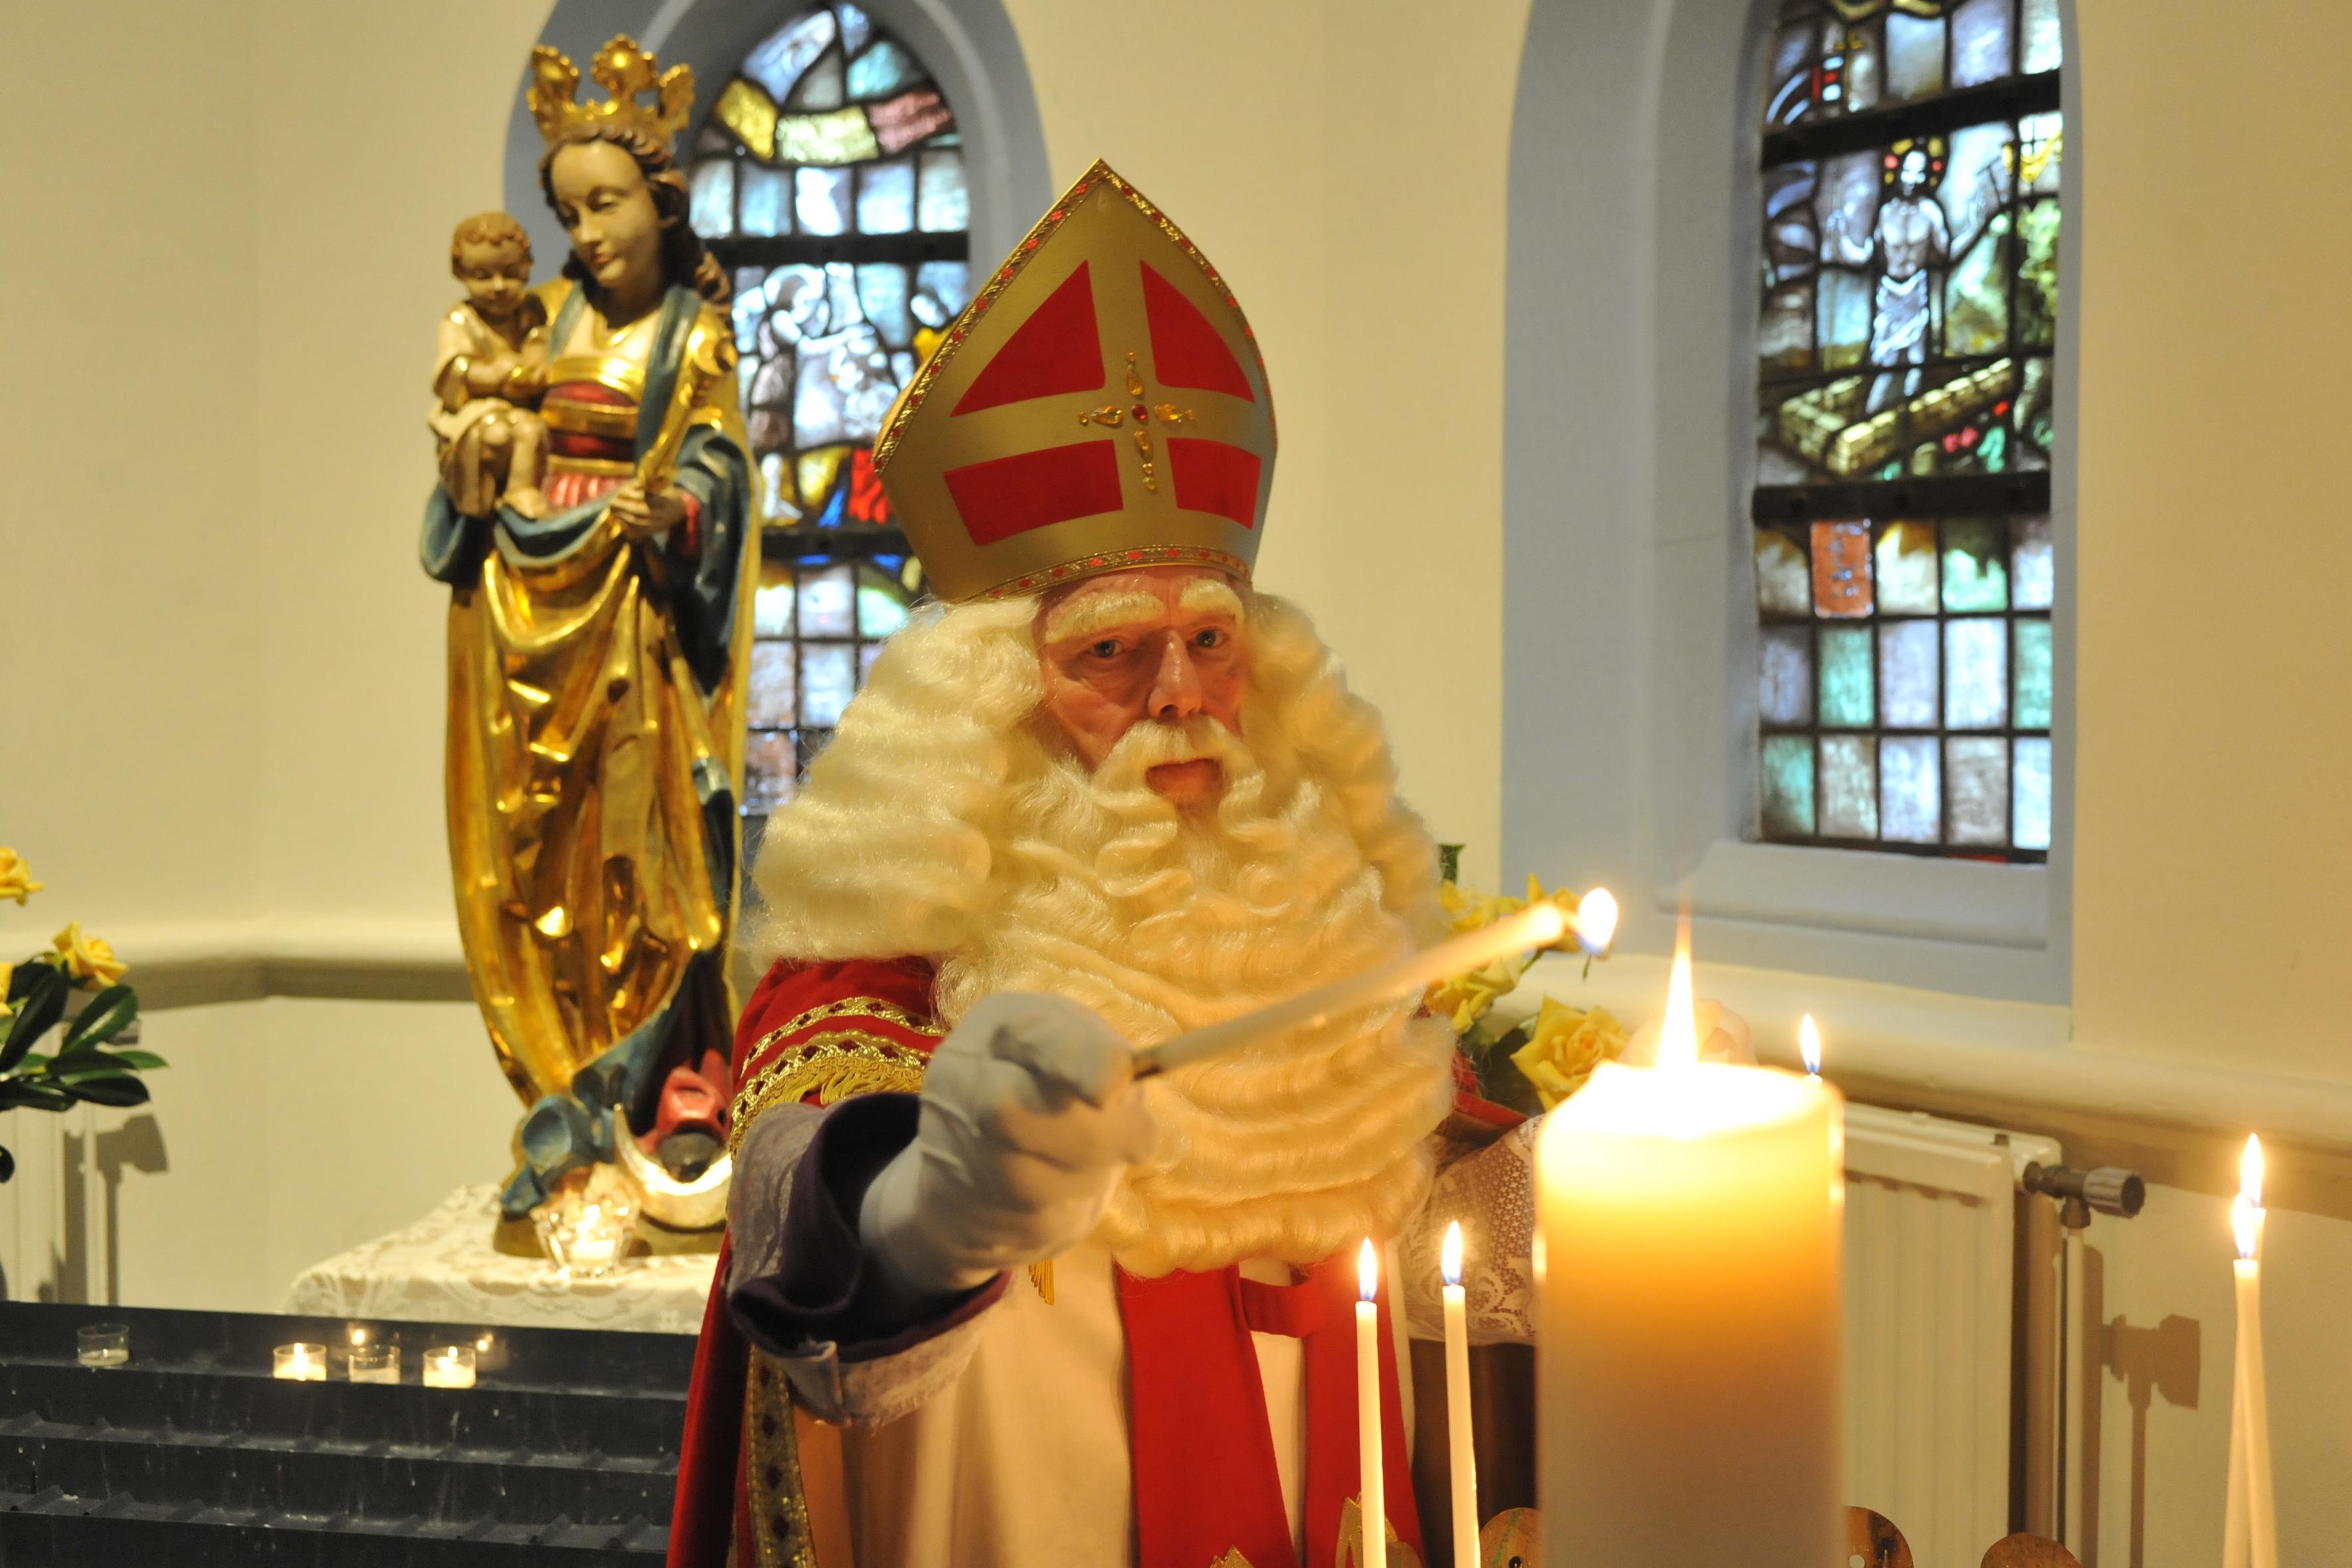 Sinterklaas is uit zijn doen, omdat hij de intocht in Castricum mist: 'Ik heb de hele dag op m'n klokje gekeken'